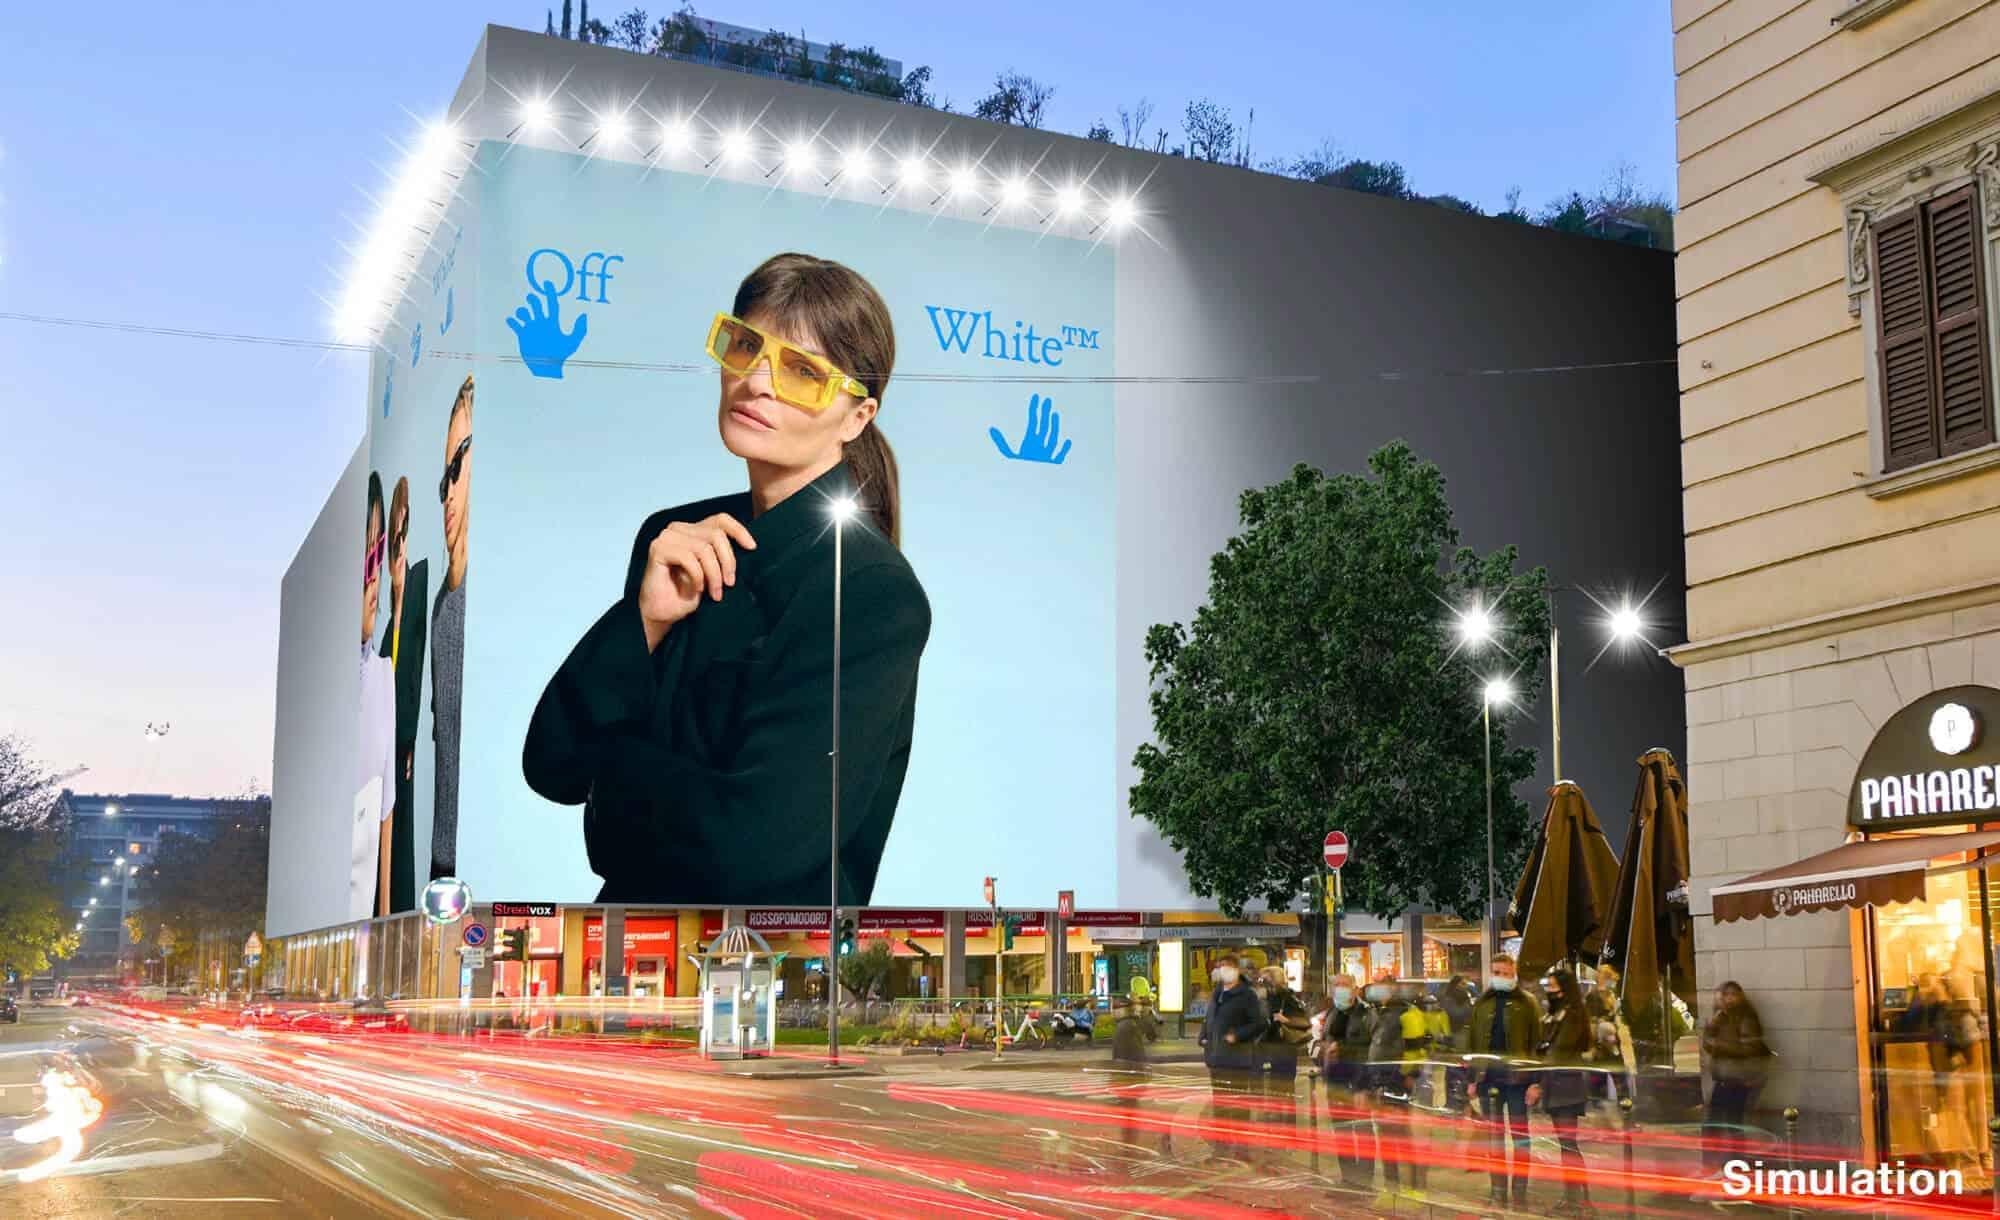 Maxi Affissione a Milano in Via Moscova 58 con Off-White (Fashion)